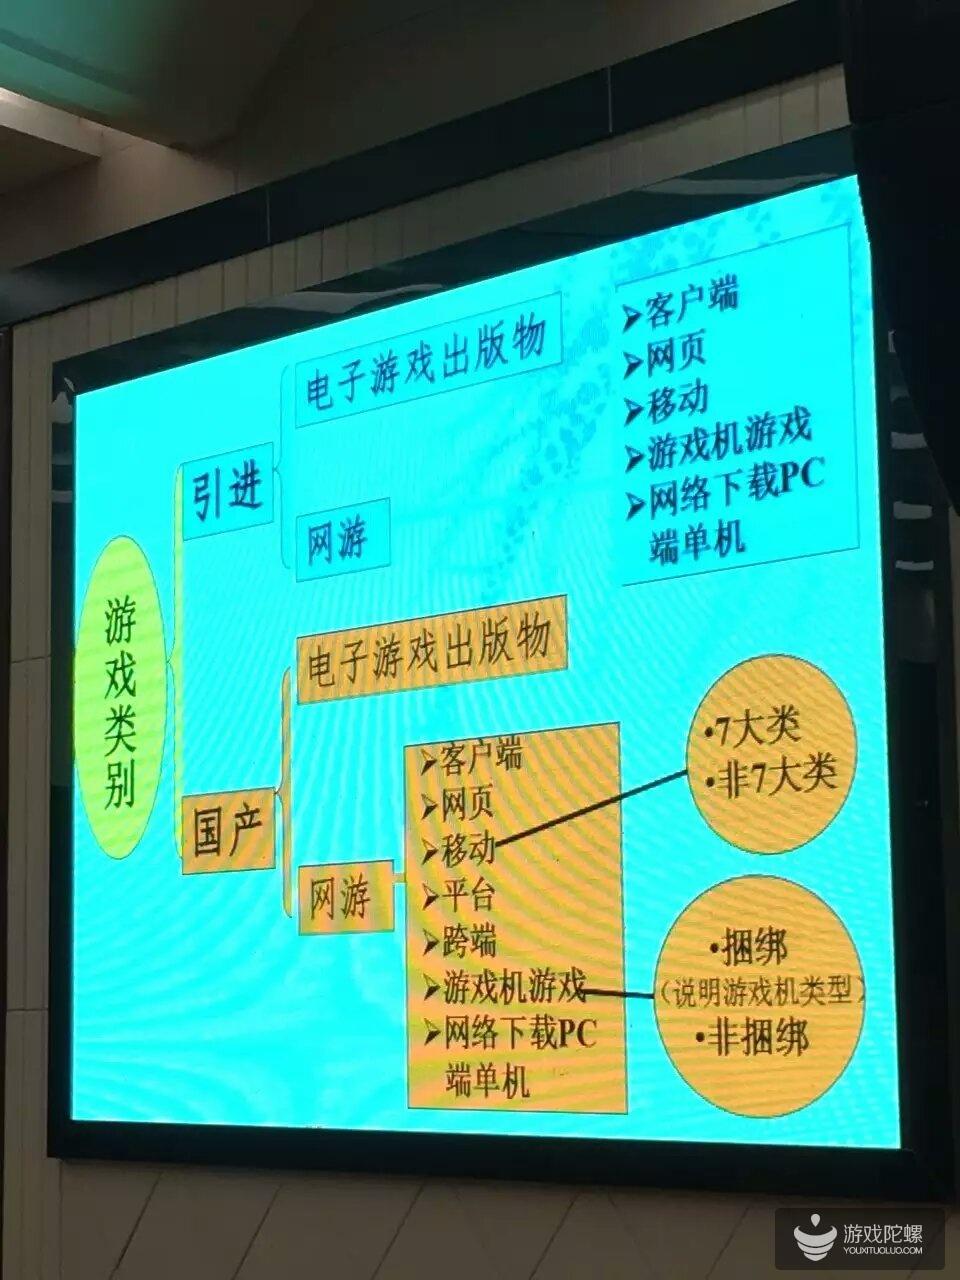 广电总局:网络游戏申报流程详解及内容出版管理政策解读